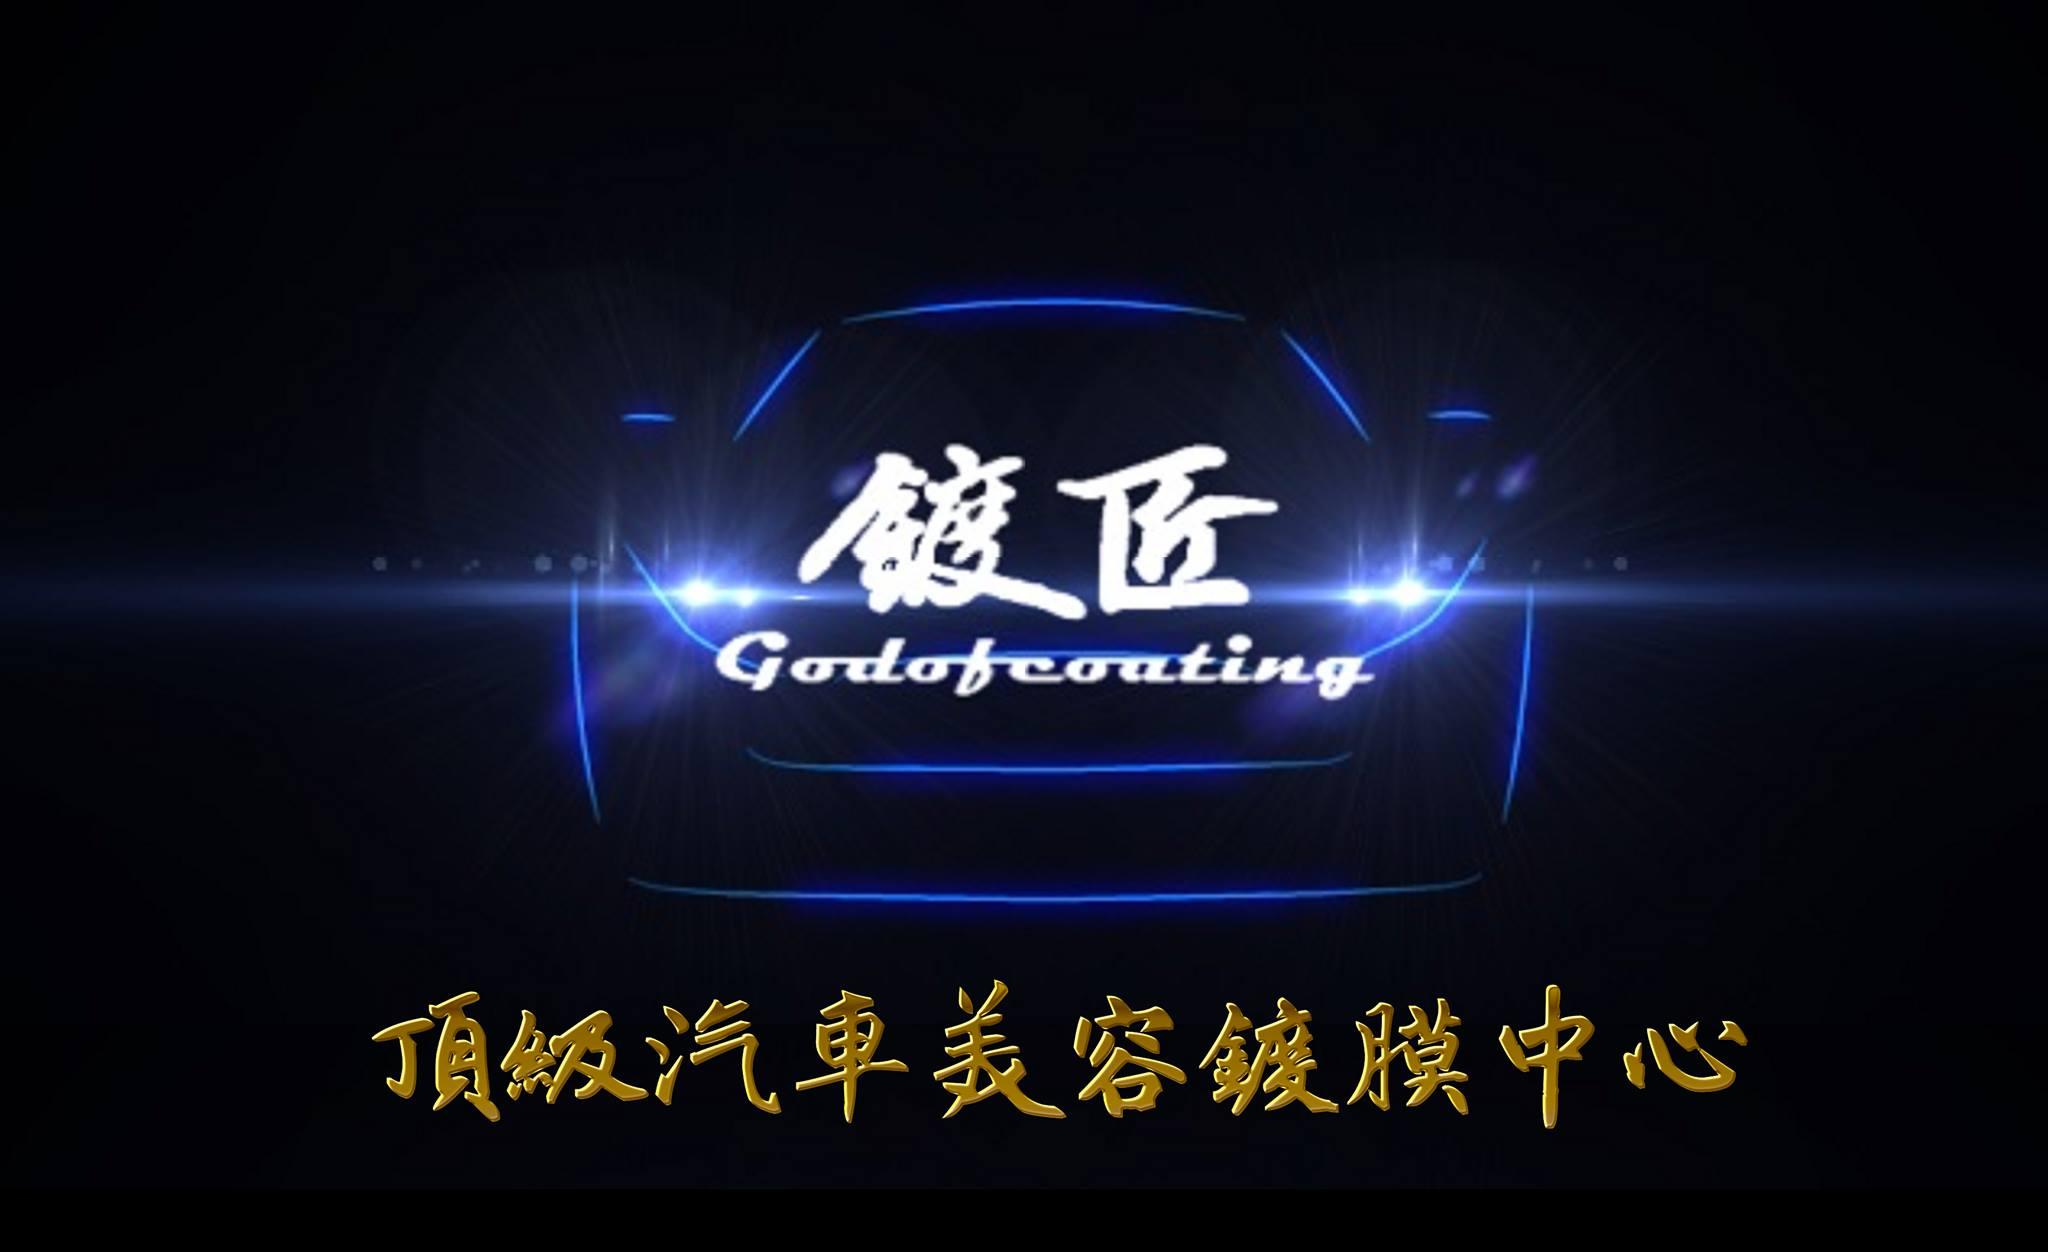 鍍匠國際汽車美容-產品代理經銷,連鎖品牌經營,國際貿易,批發零售